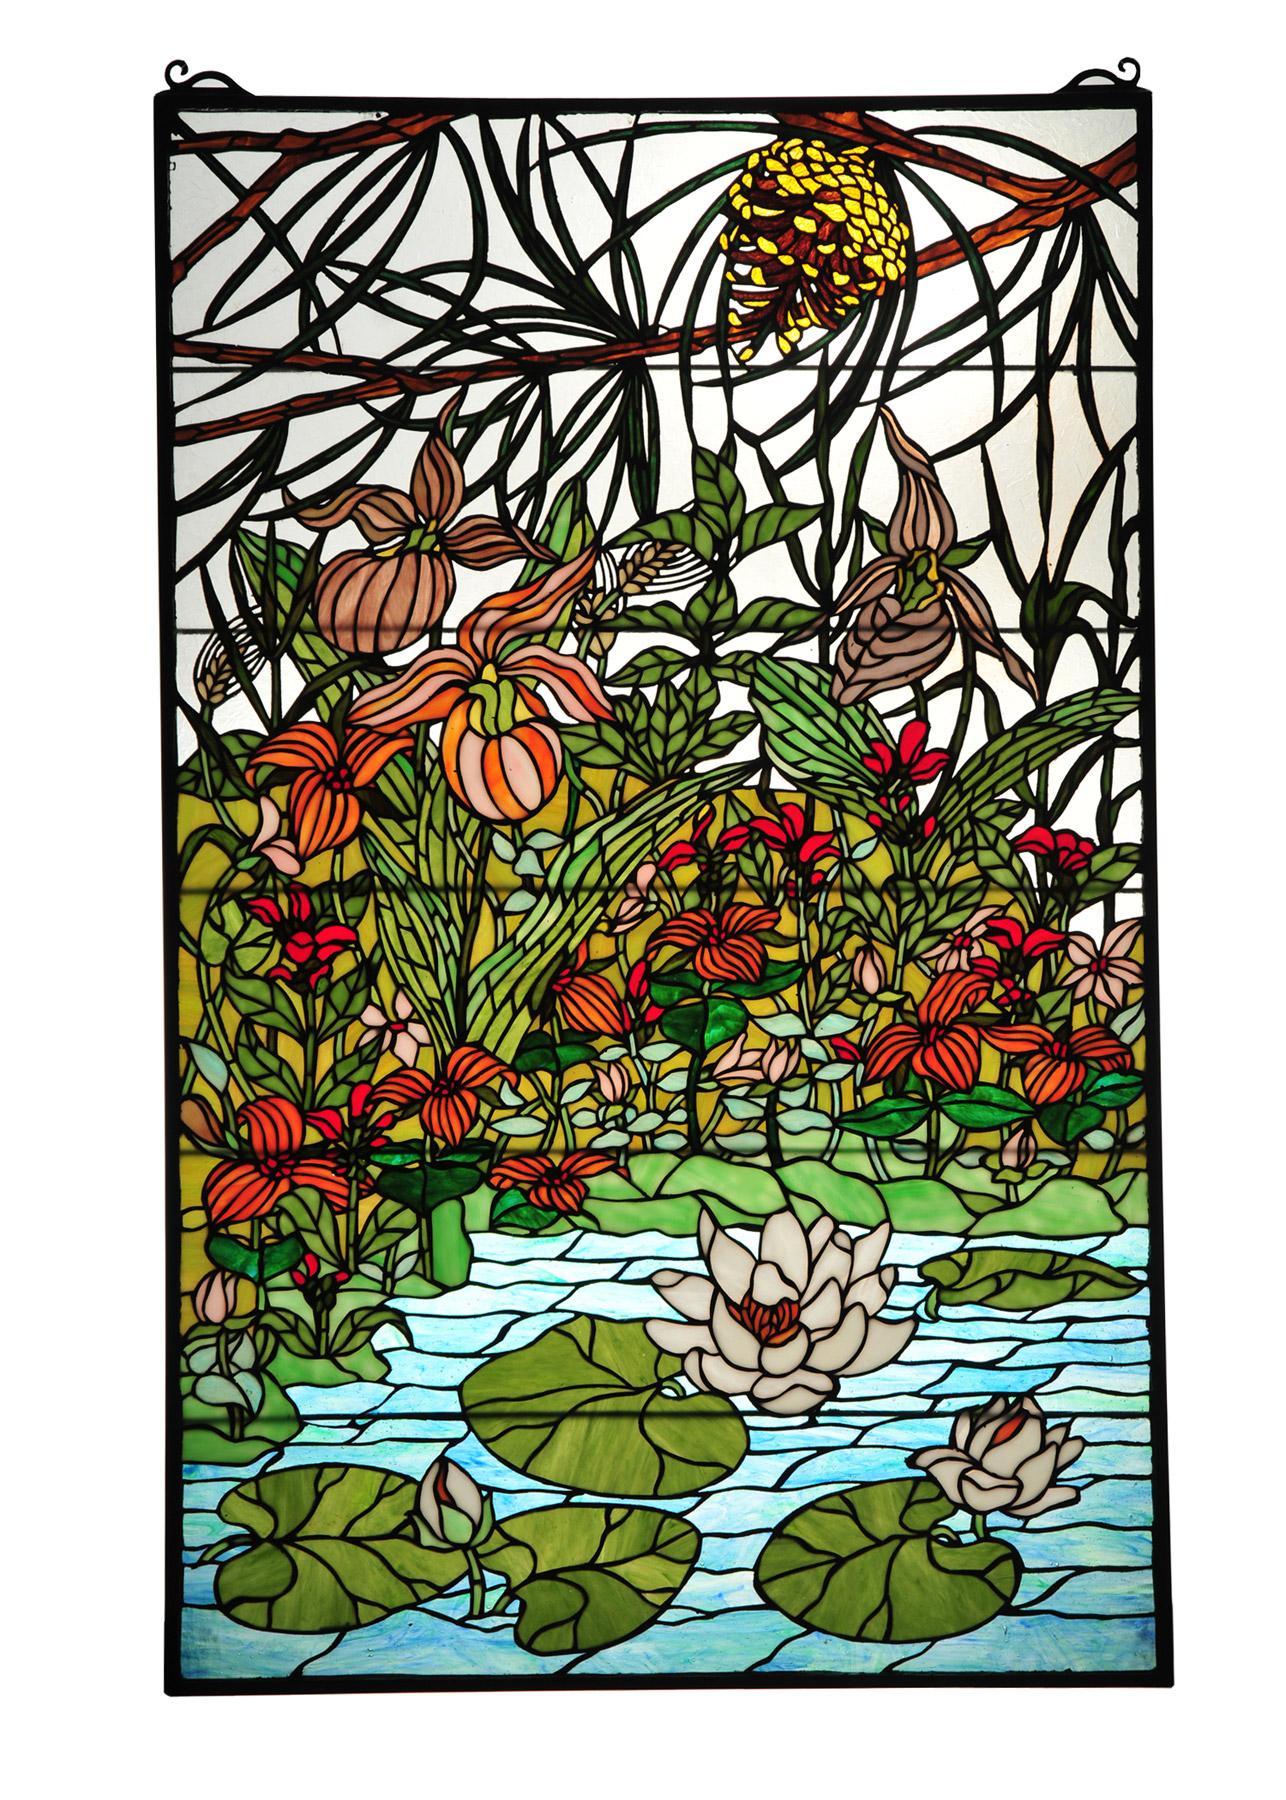 Meyda 77661 Tiffany Woodland Lilypond Stained Glass Window